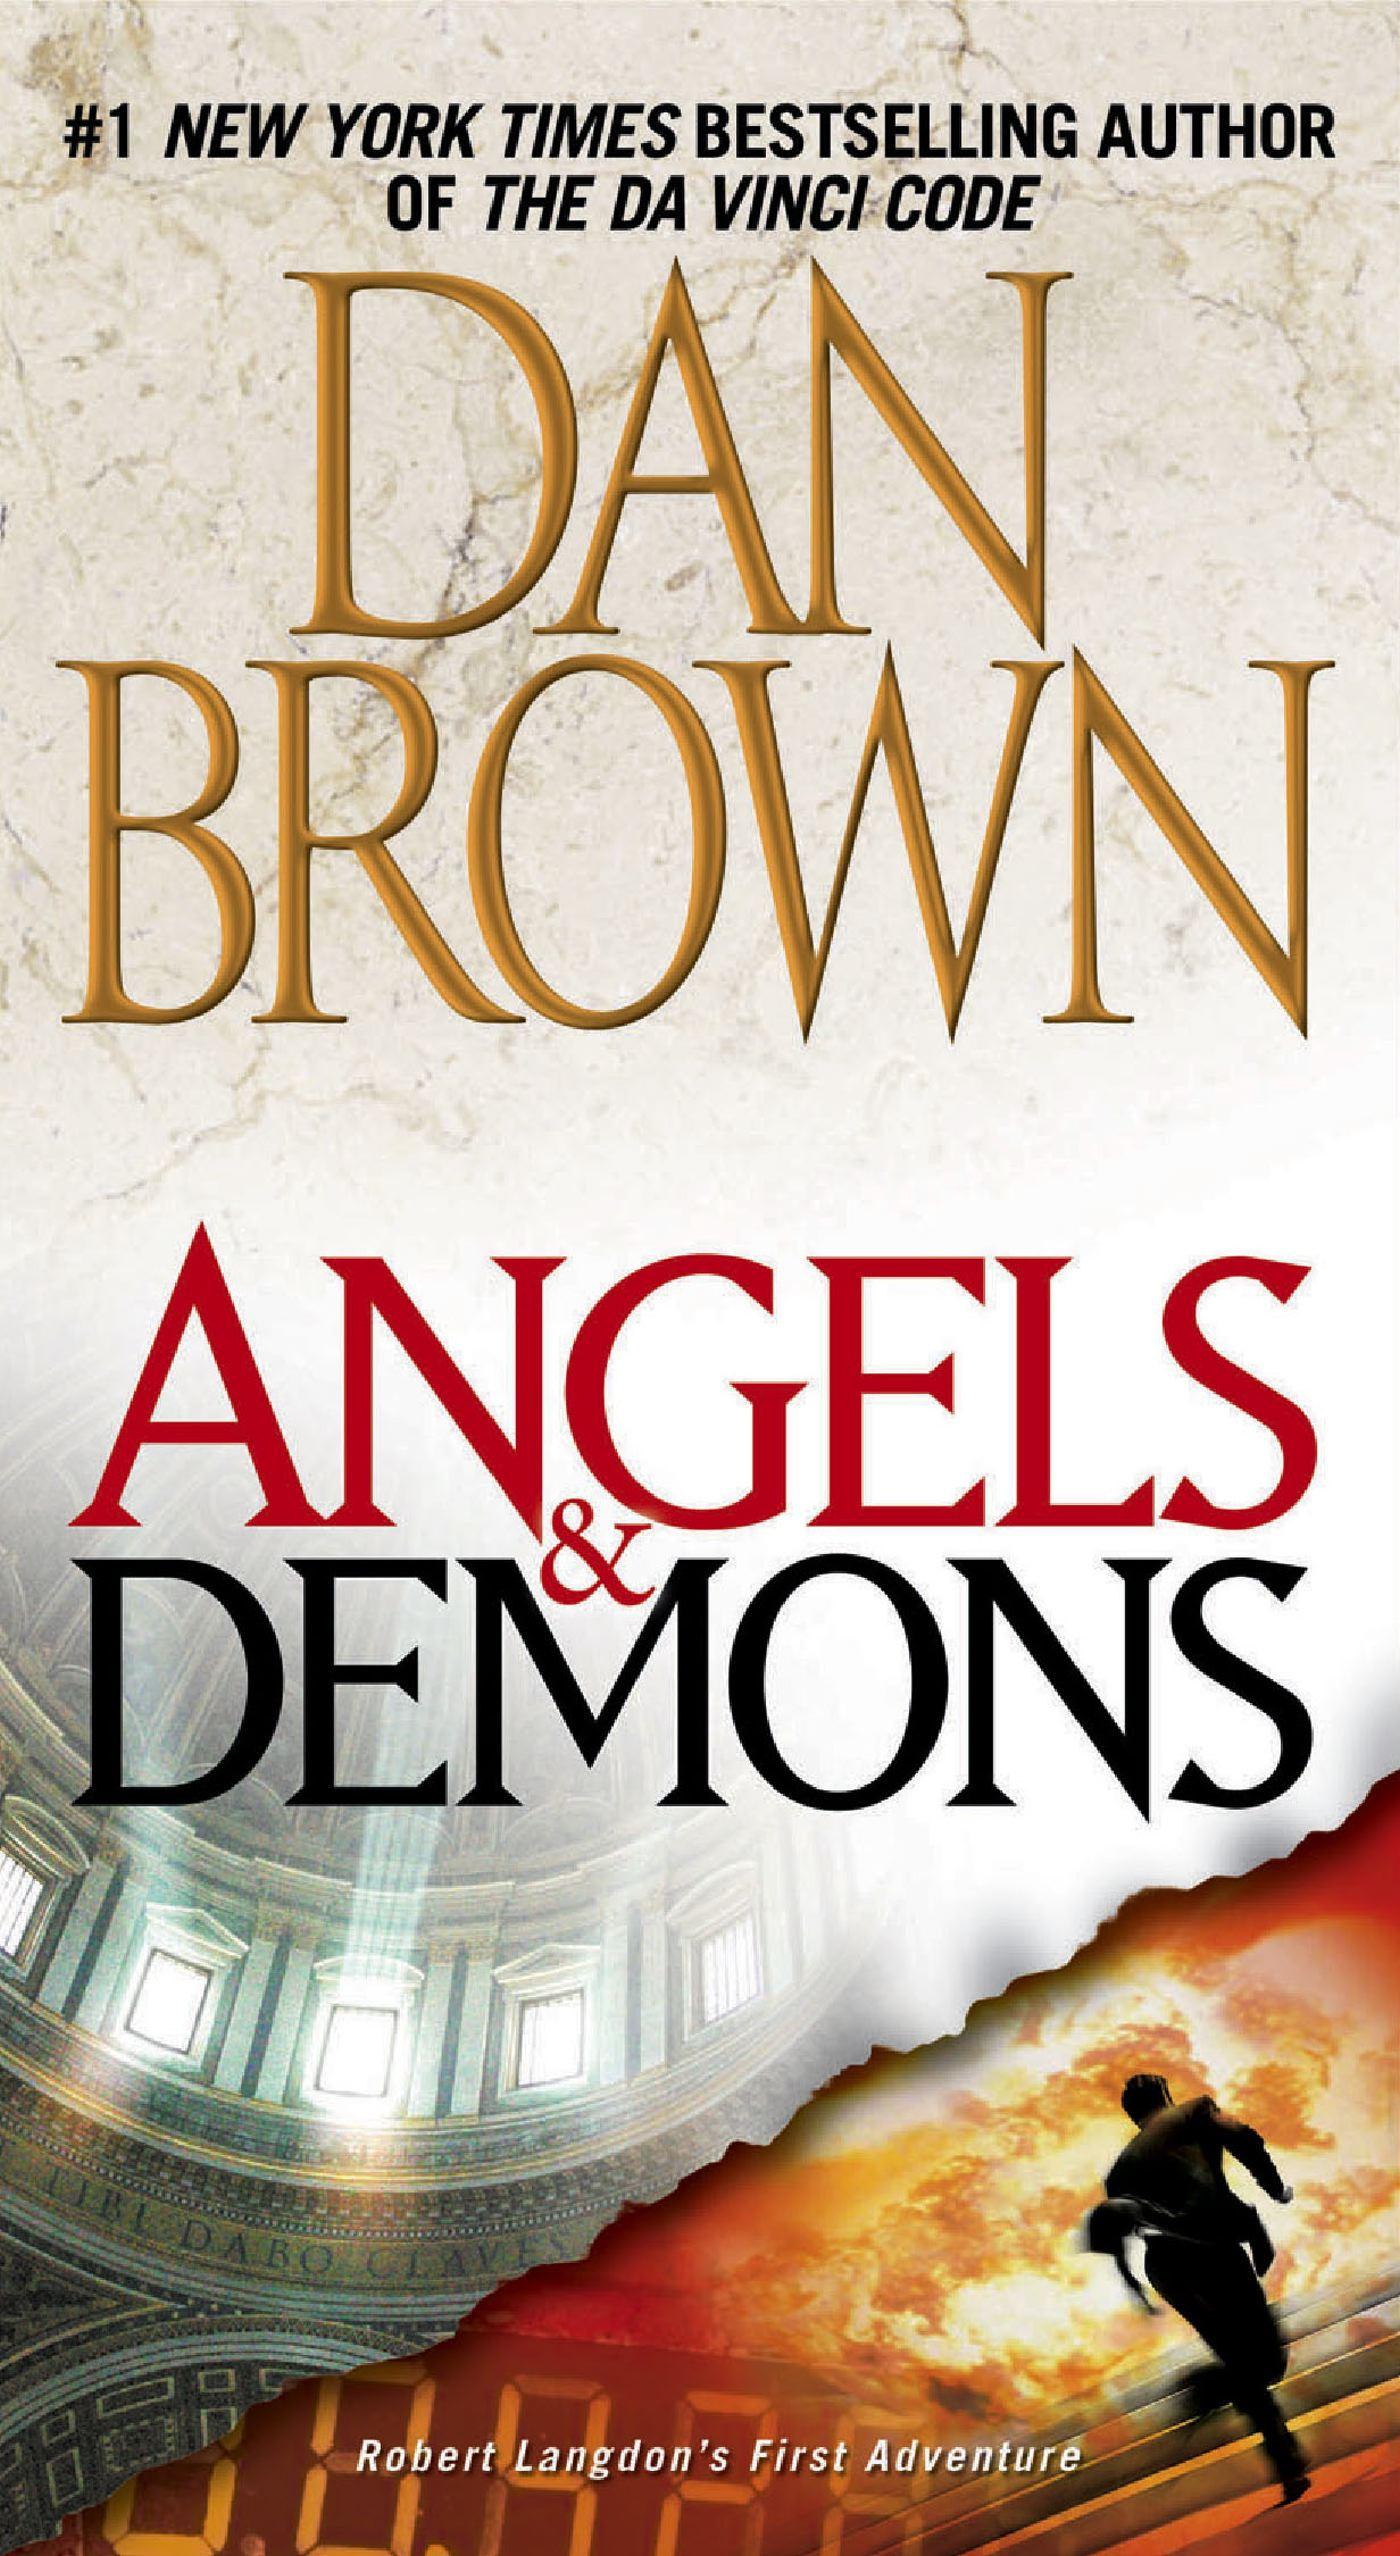 Angels demons 9781416524793 hr